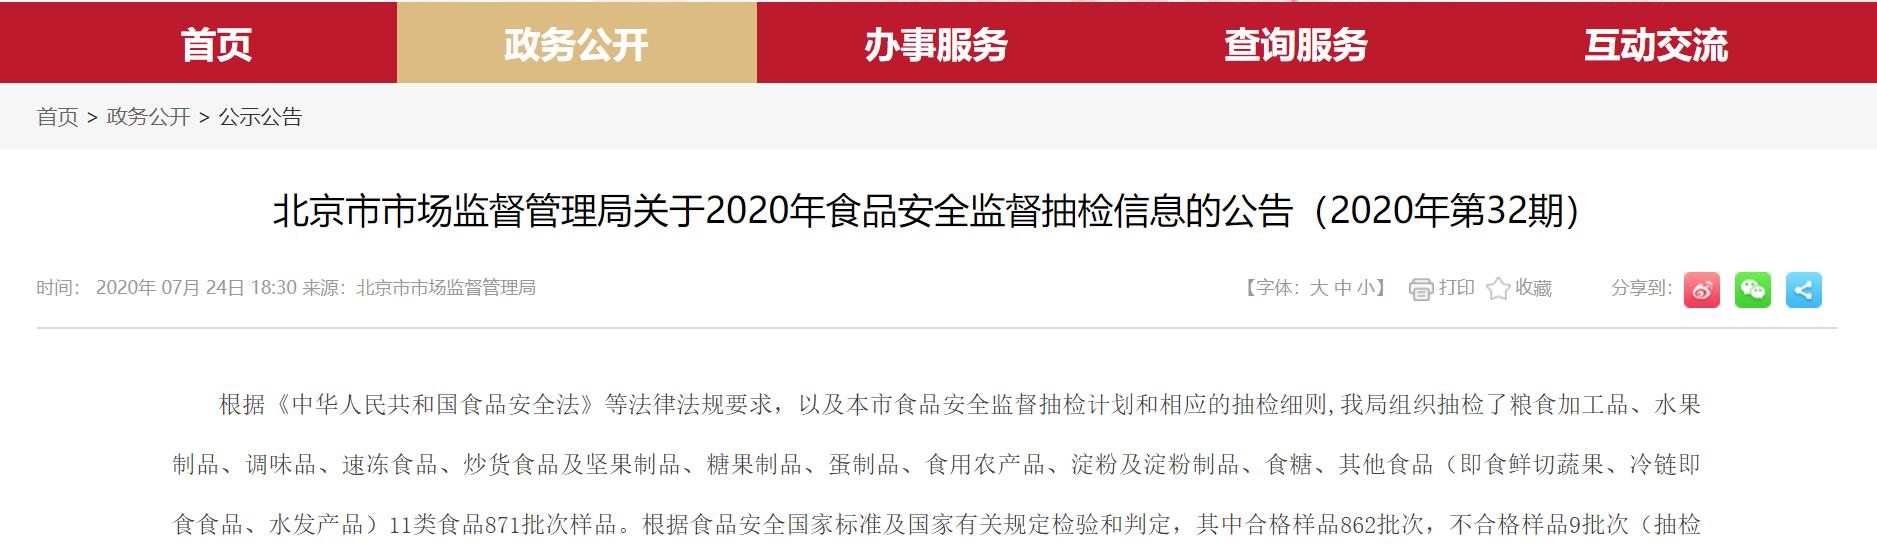 北京市市场监督管理局公布淀粉及淀粉制品监督抽检产品合格信息